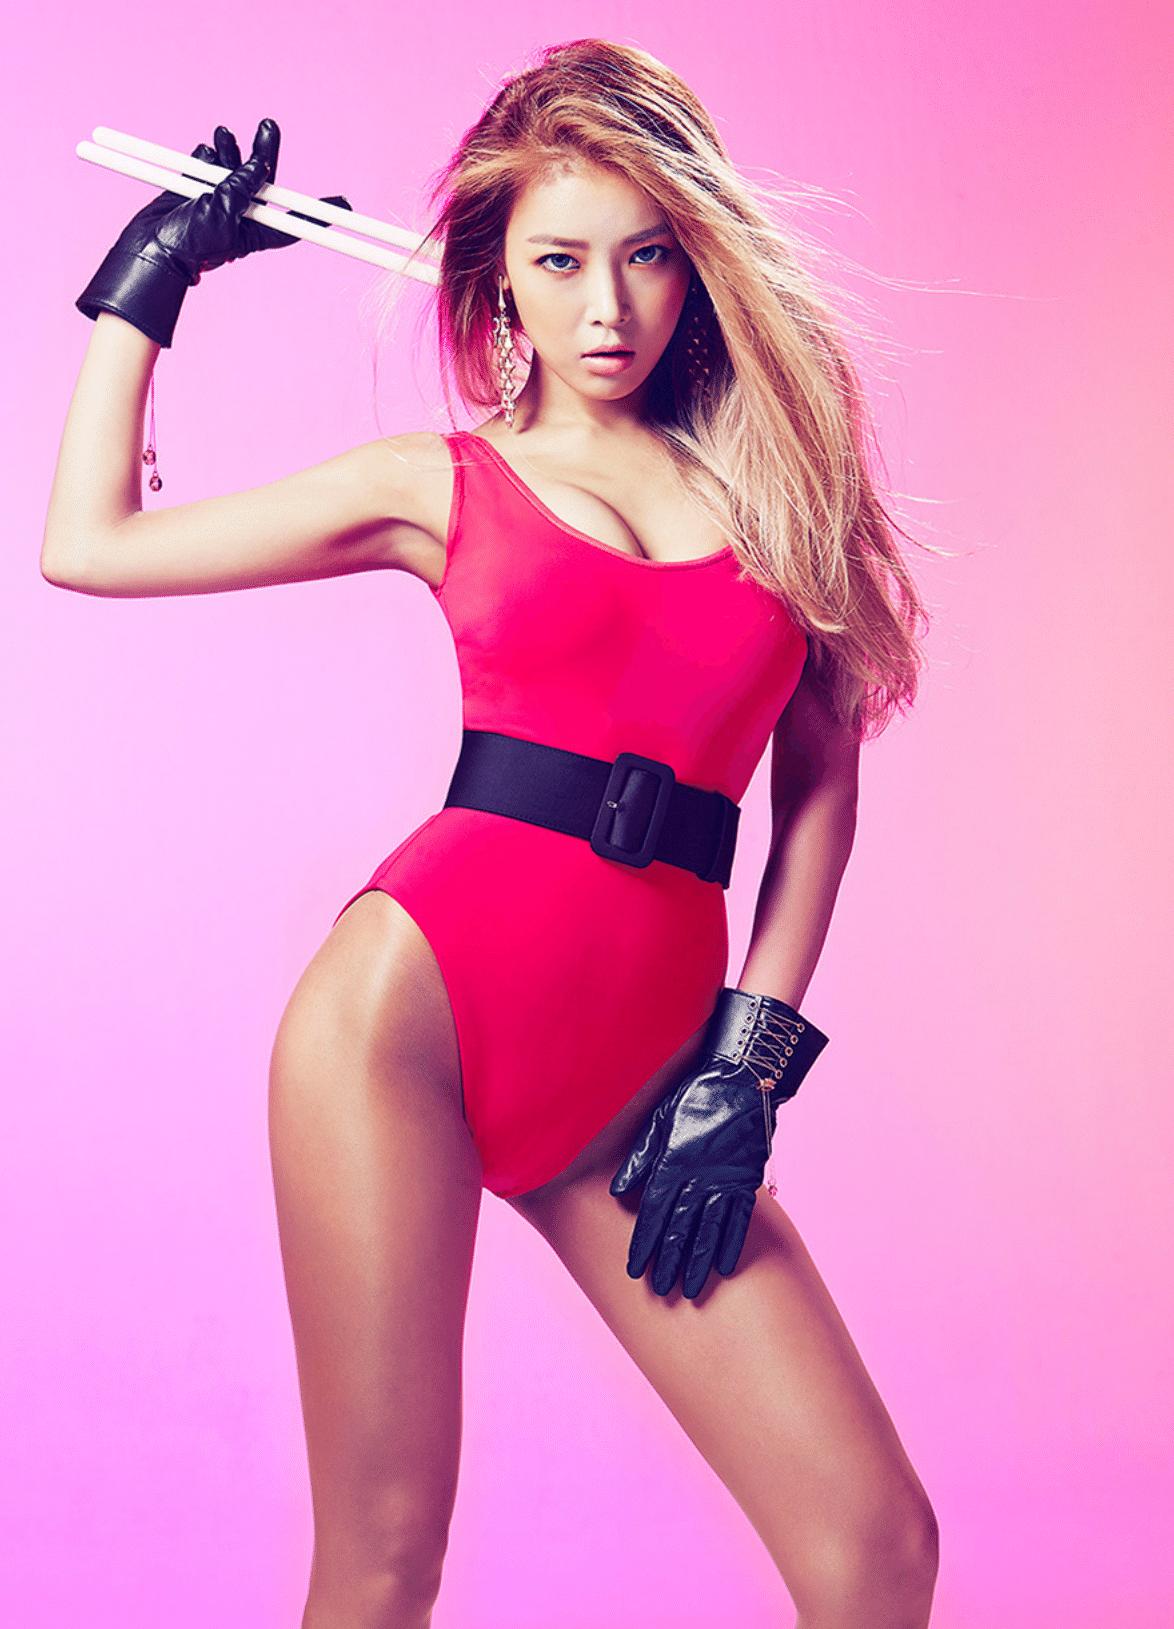 Trời 60 độ cũng phải tắt nắng vì dàn idol nữ Kpop sở hữu body chuẩn Tây: Nét nóng bỏng thay đổi cả quy chuẩn! - Ảnh 17.